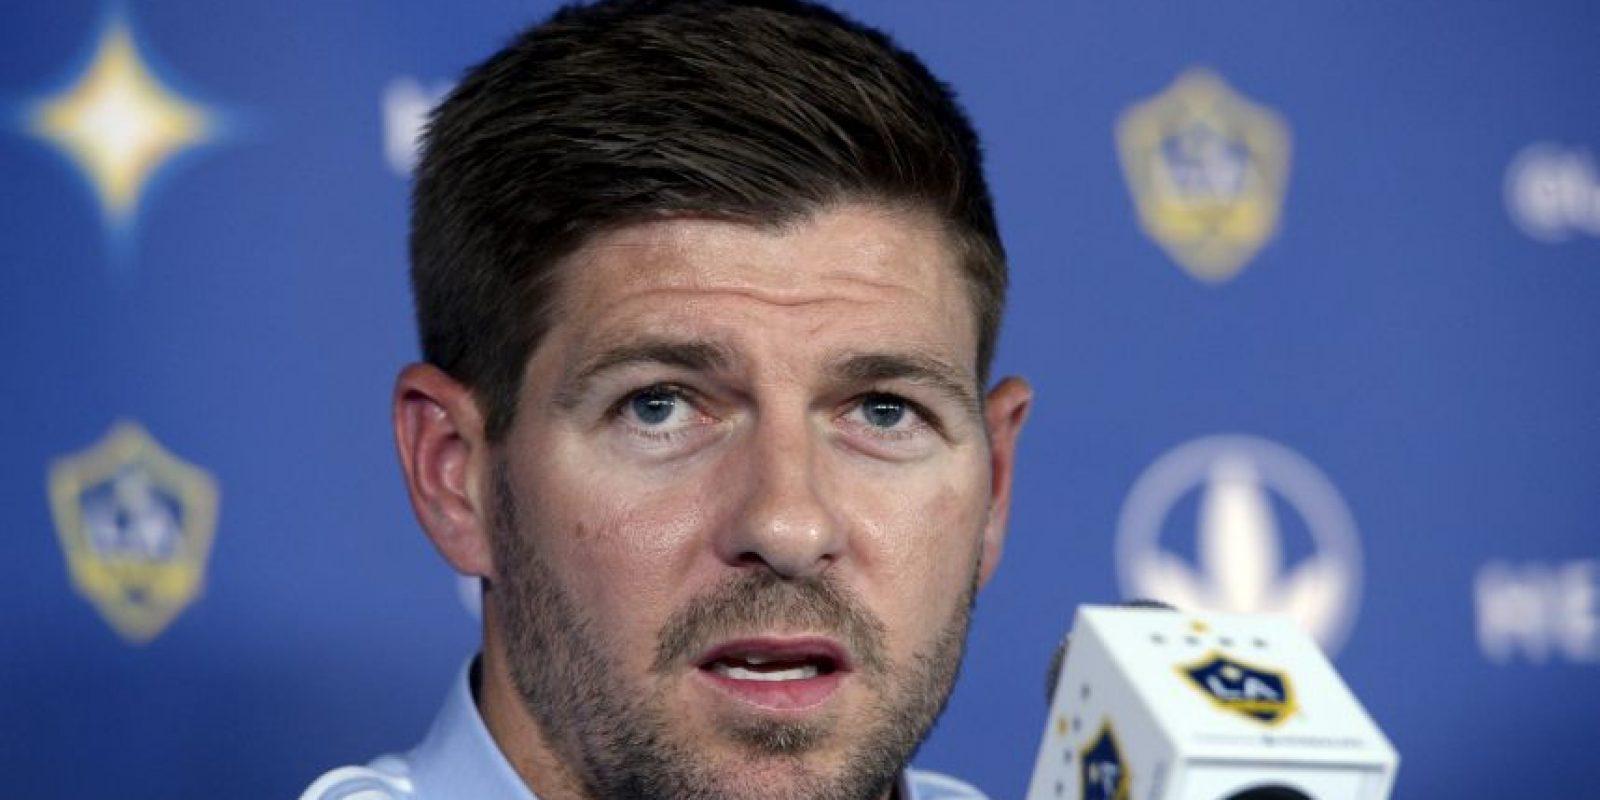 Gerrard recibirá un salario de 6 millones de dólares al año. Foto:Getty Images